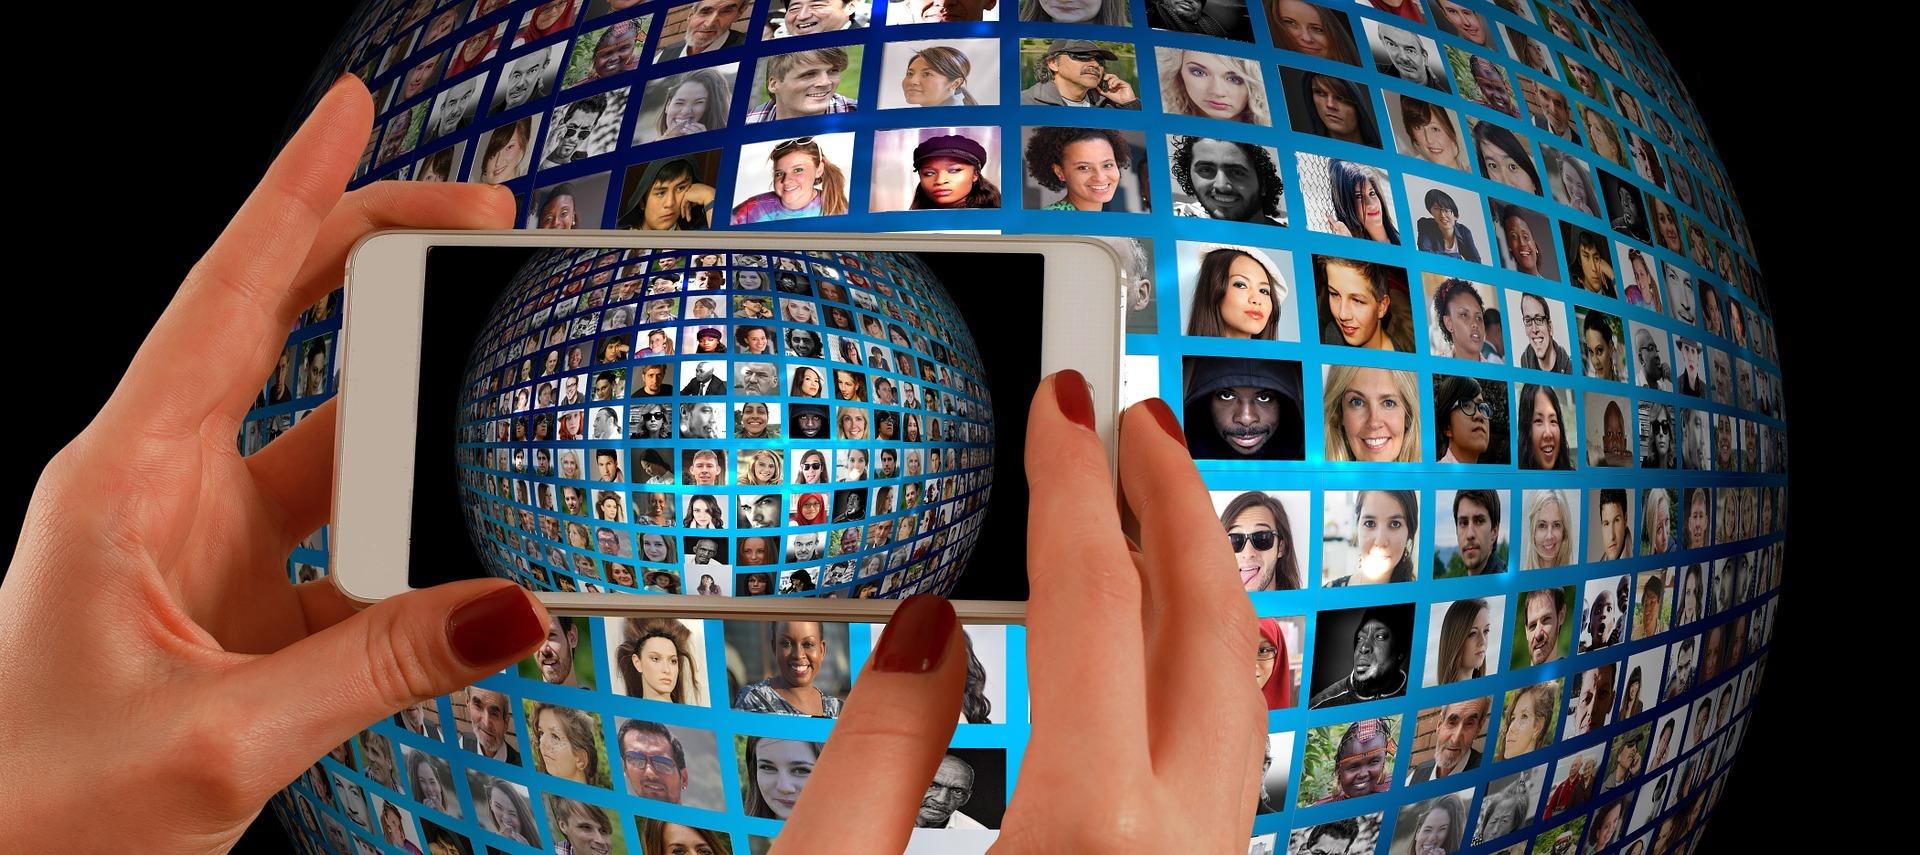 Die virtuellen sozialen Persönlichkeiten